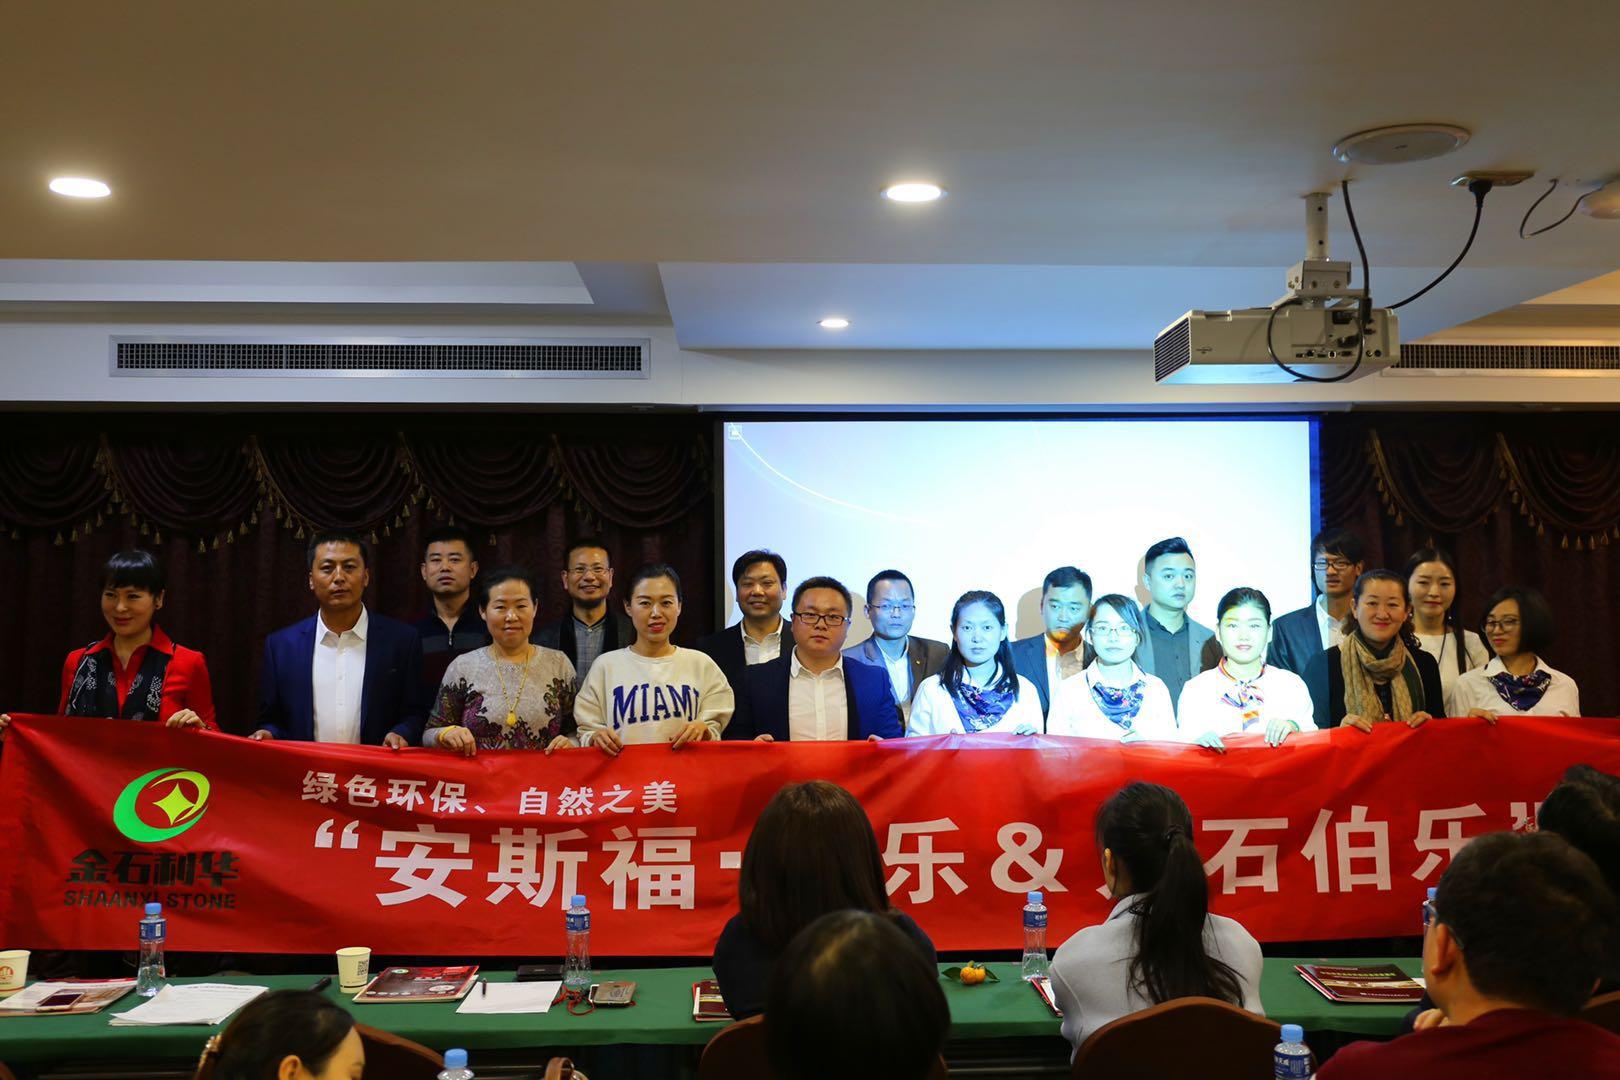 陕西金石利华环保科技有限公司风采展示